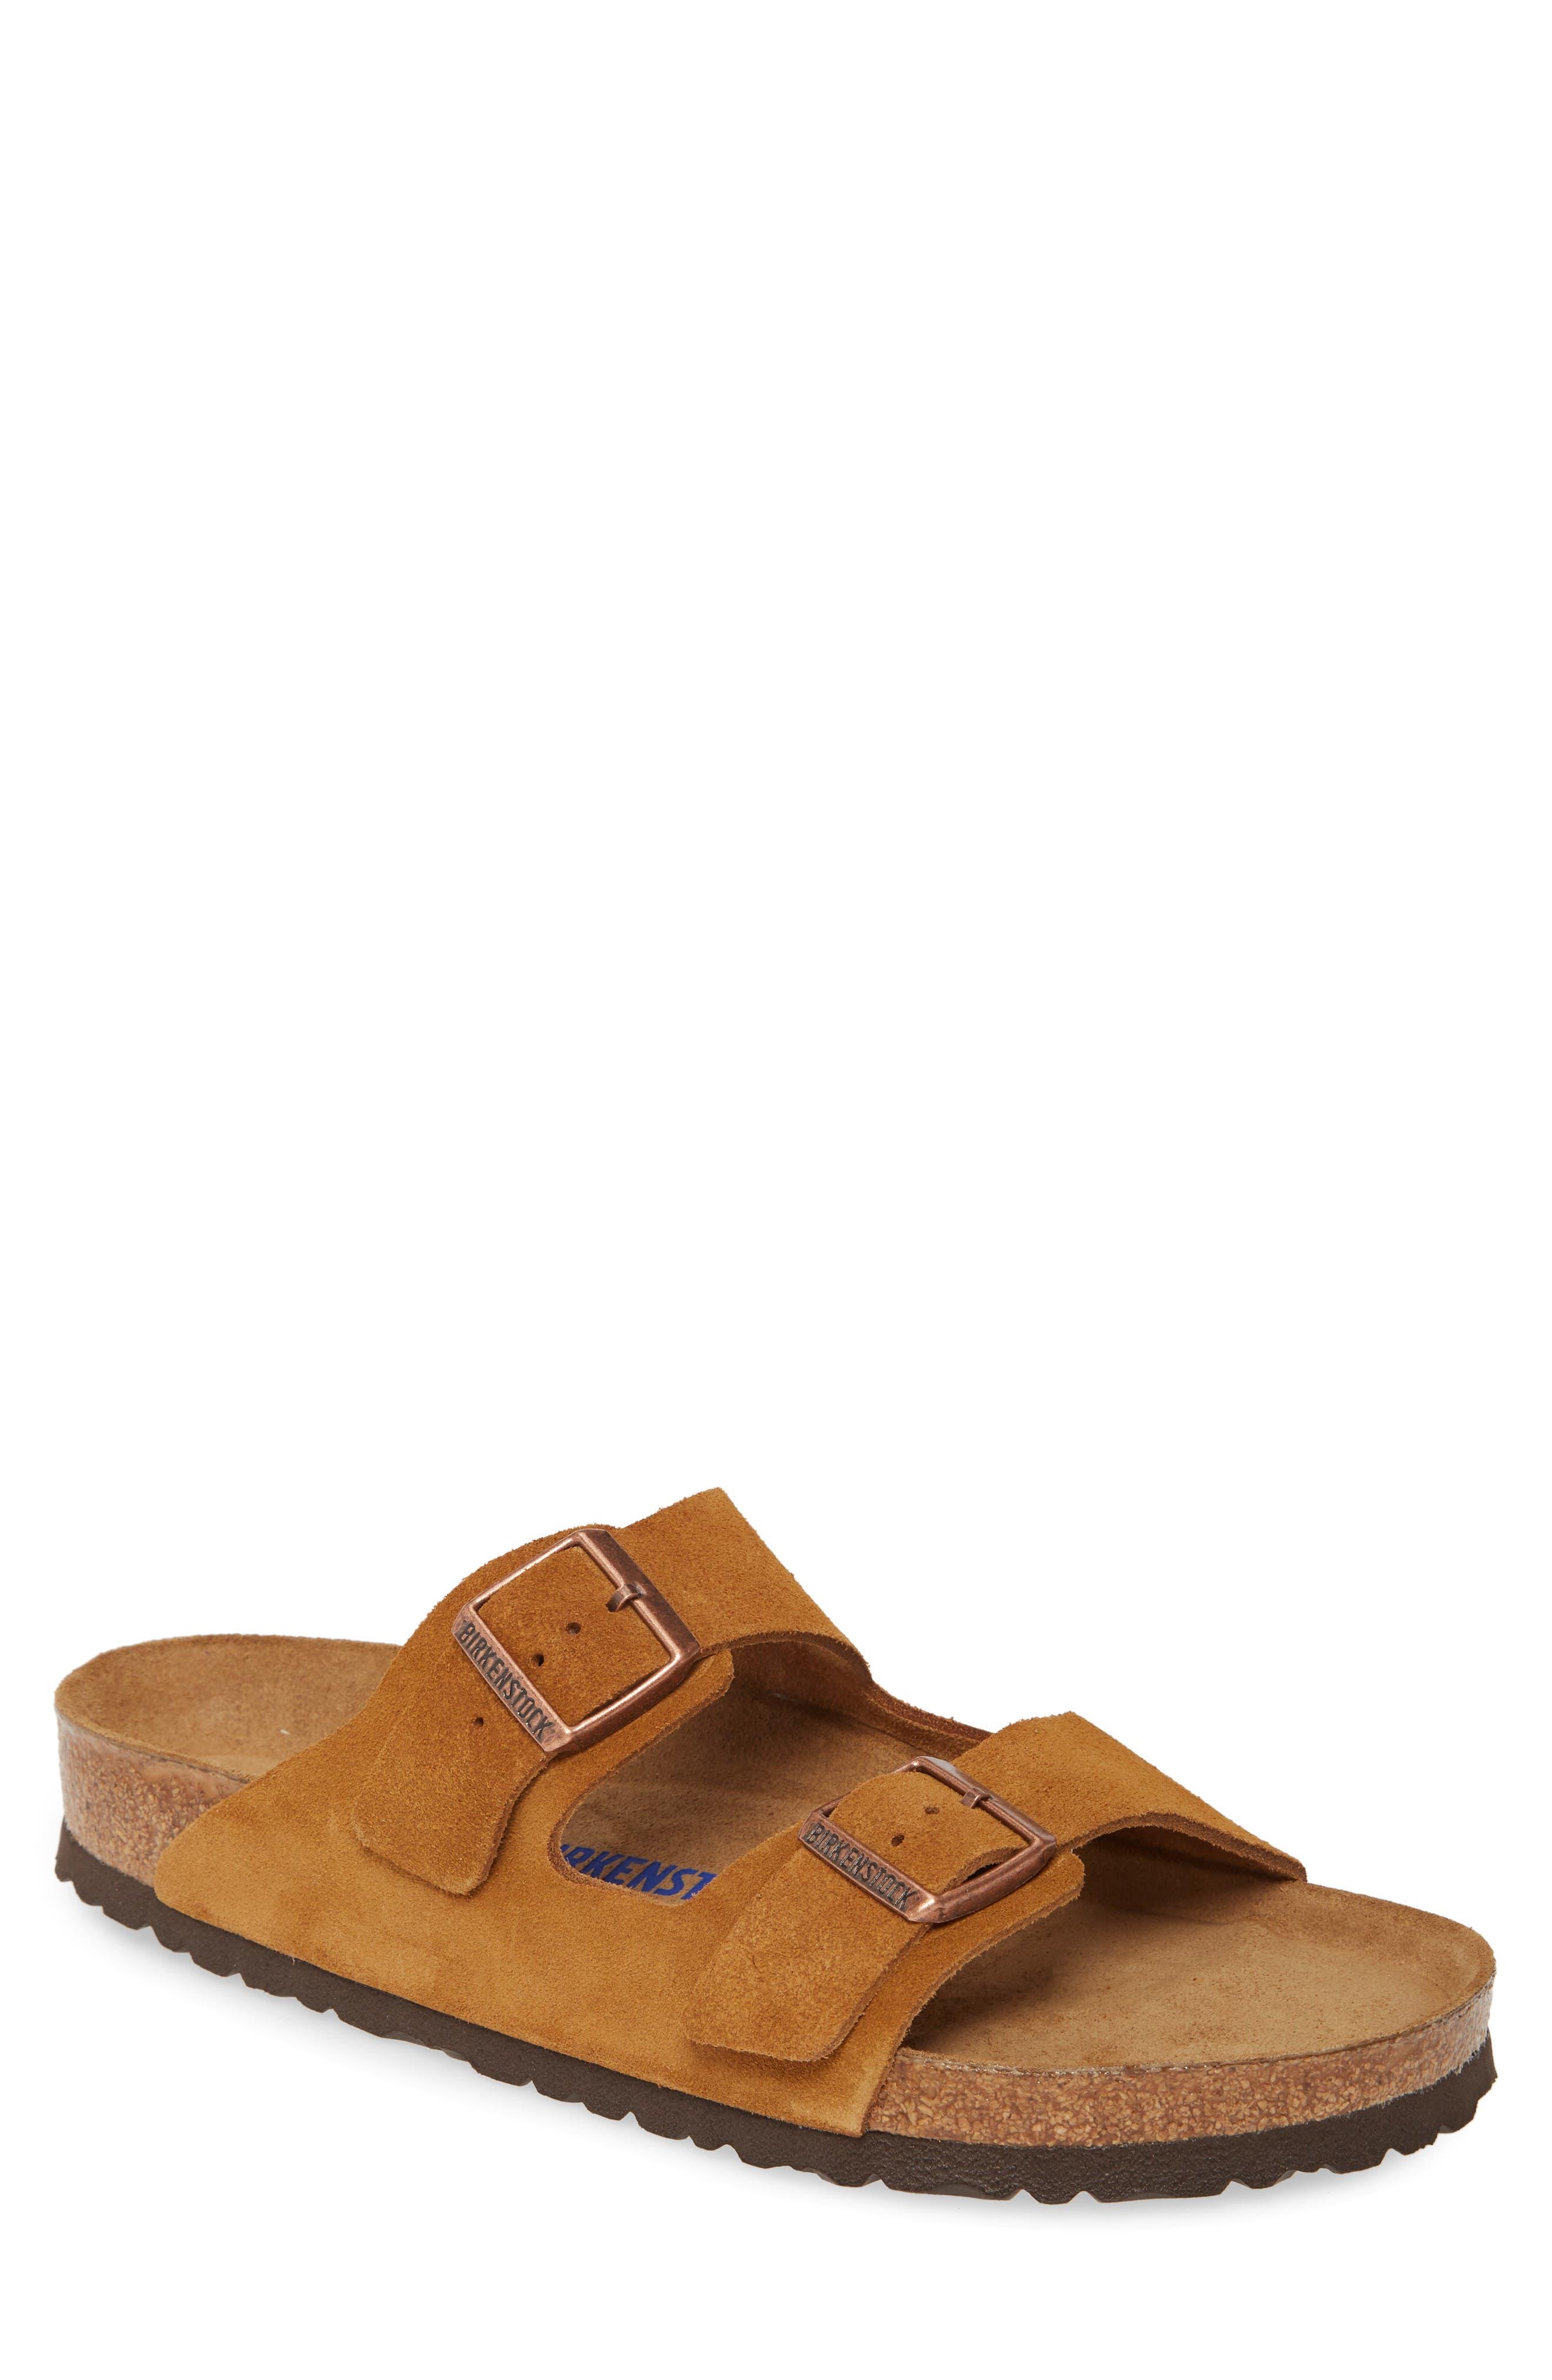 Retro Clothing for Men | Vintage Men's Fashion Mens Birkenstock Arizona Soft Slide Sandal Size 8-8.5US  41EU D - Brown $134.95 AT vintagedancer.com